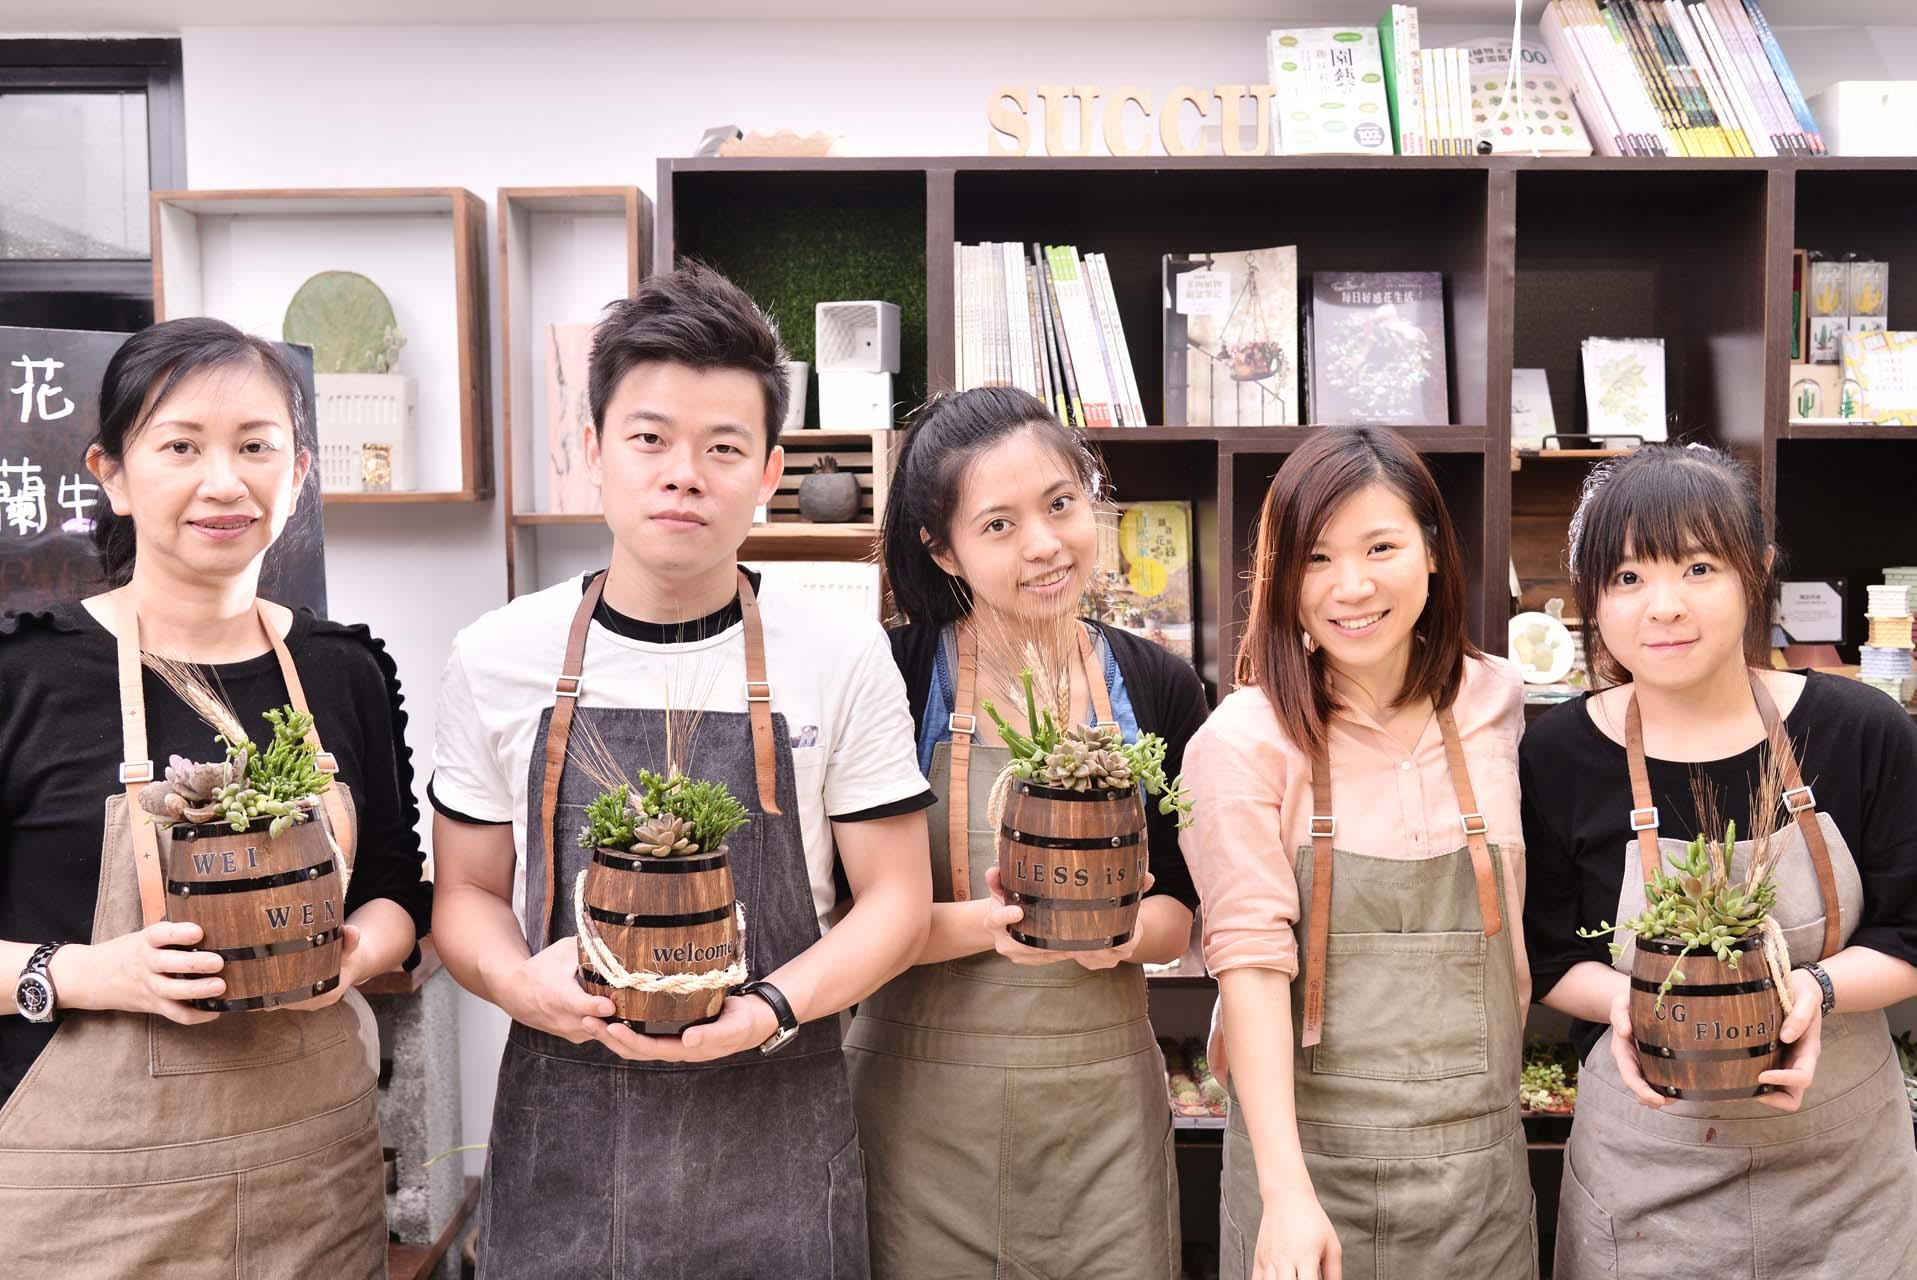 花藝課程作品以及學員作品實品照